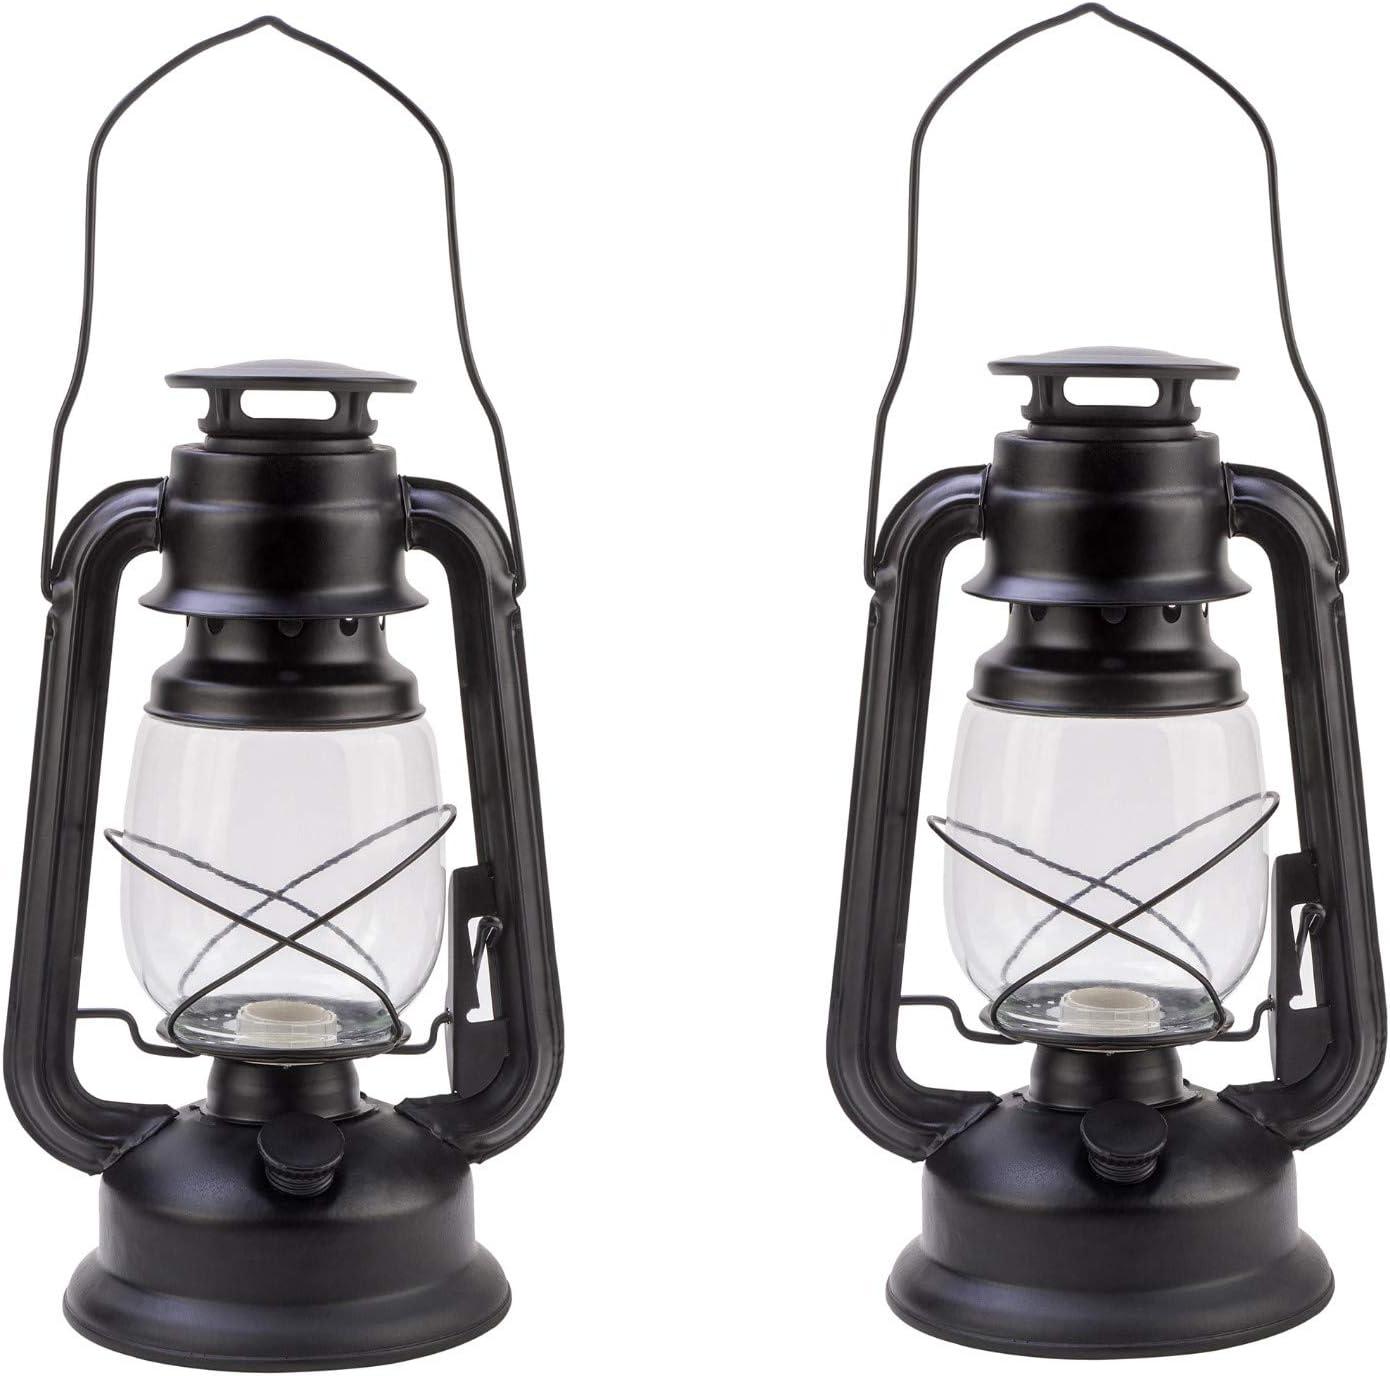 Portable Hurricane Lamp Metal Kerosene Lantern Oil Light Silver Retro Design